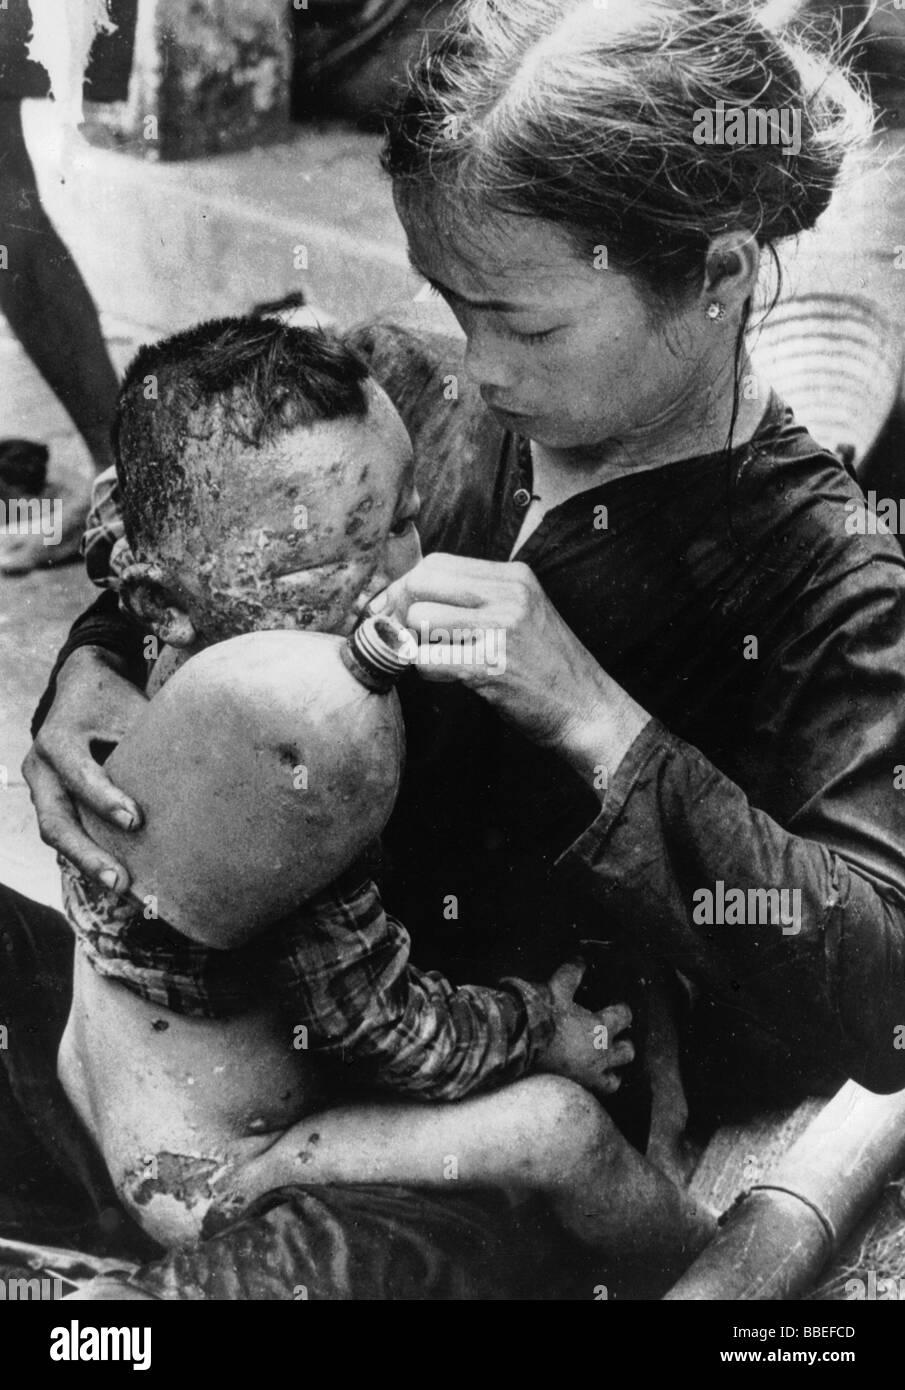 Guerra del Vietnam del Sud che a camma bruciata male bambino vietnamita catturato in scoppiare bombe napalm tra Immagini Stock